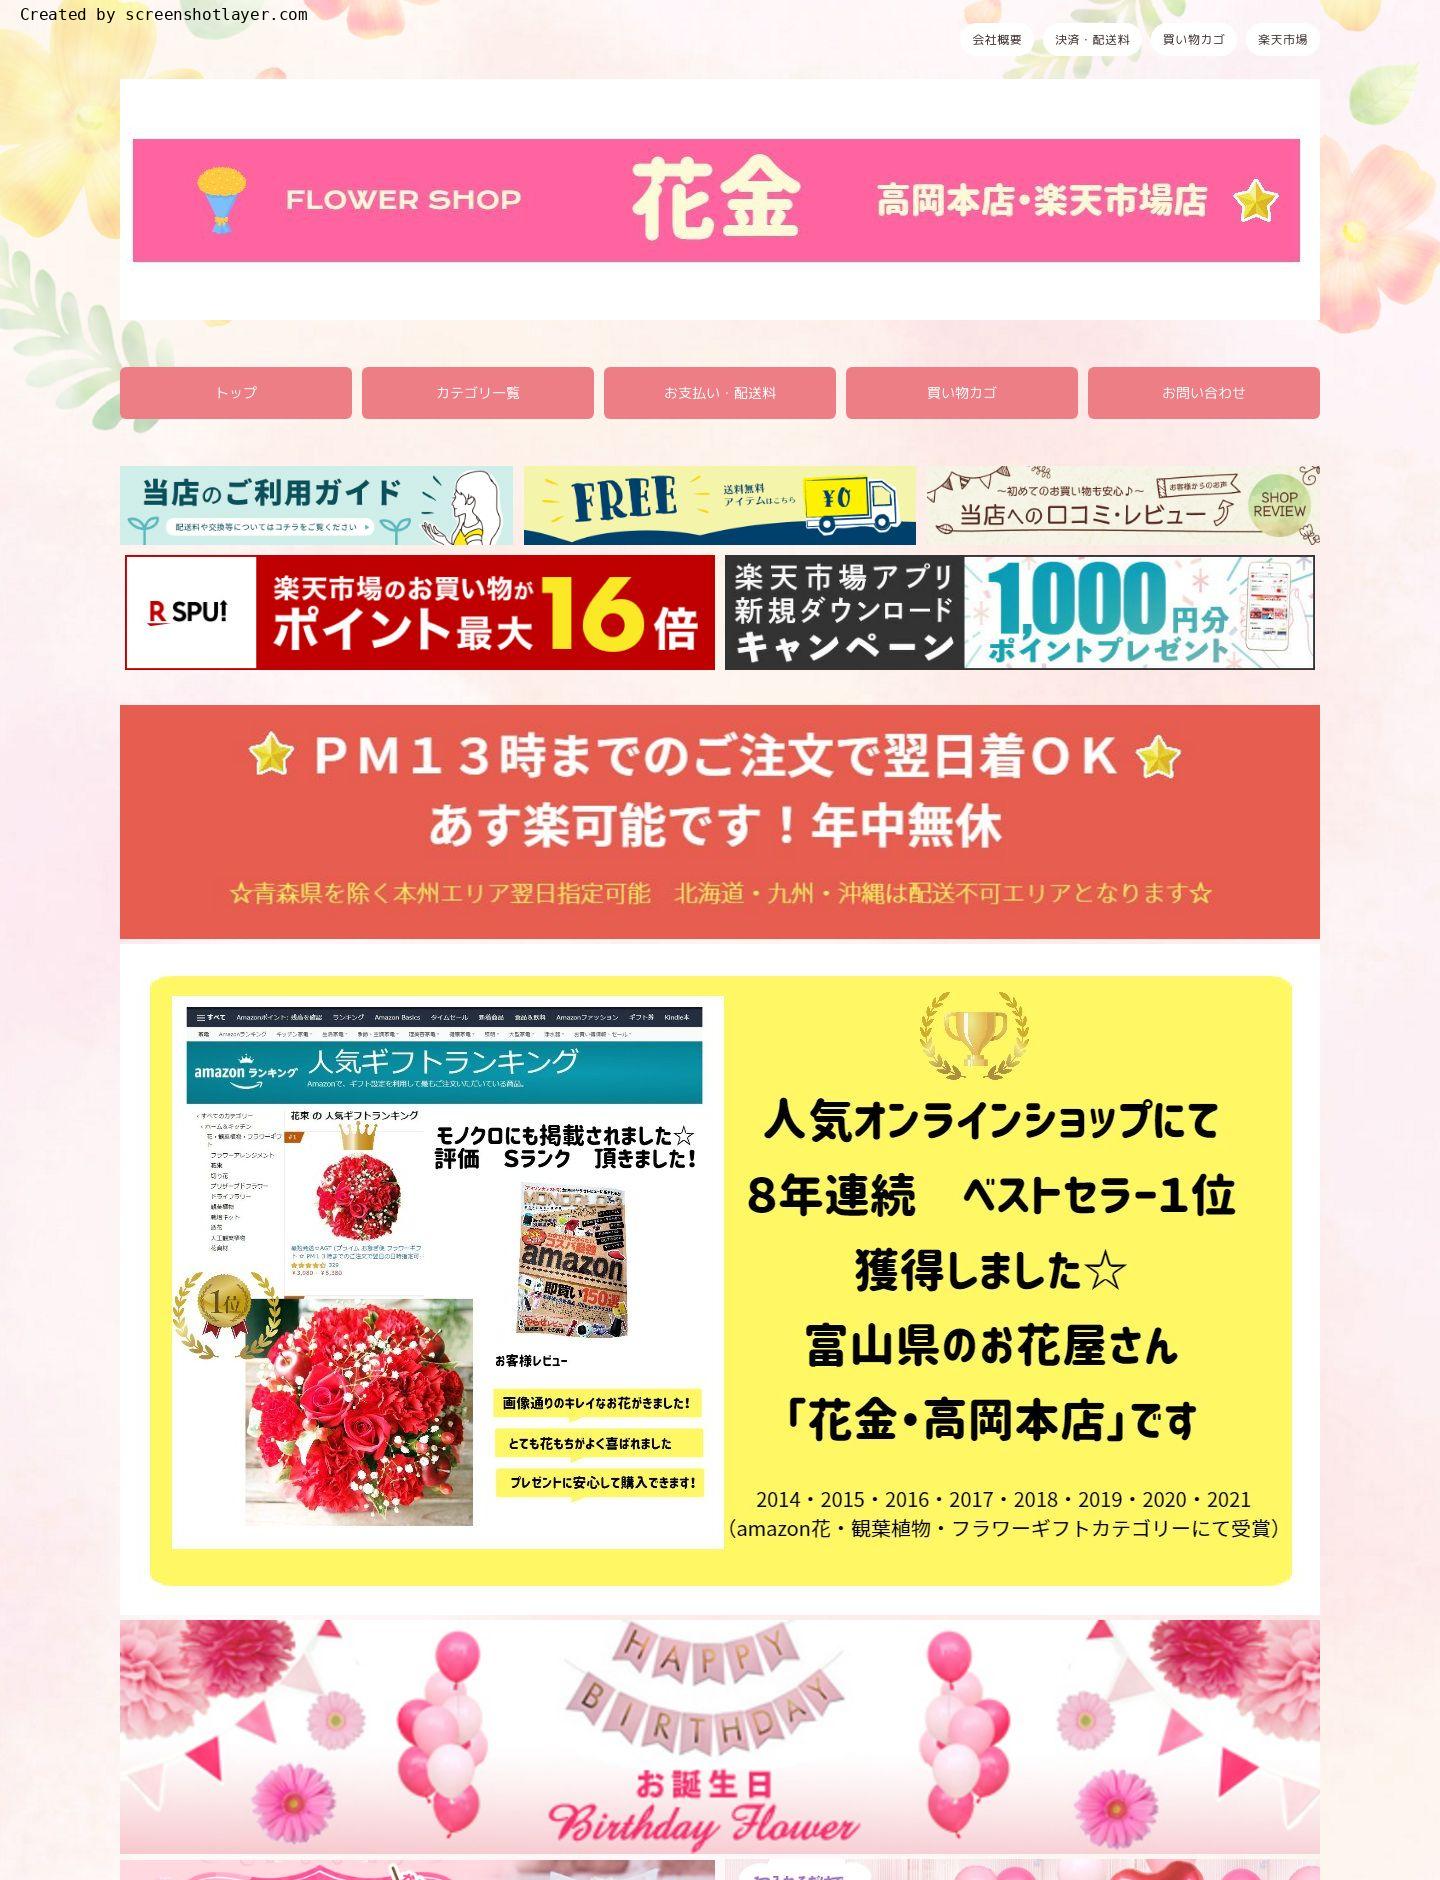 花金・高岡本店 楽天市場店様 サイト画像